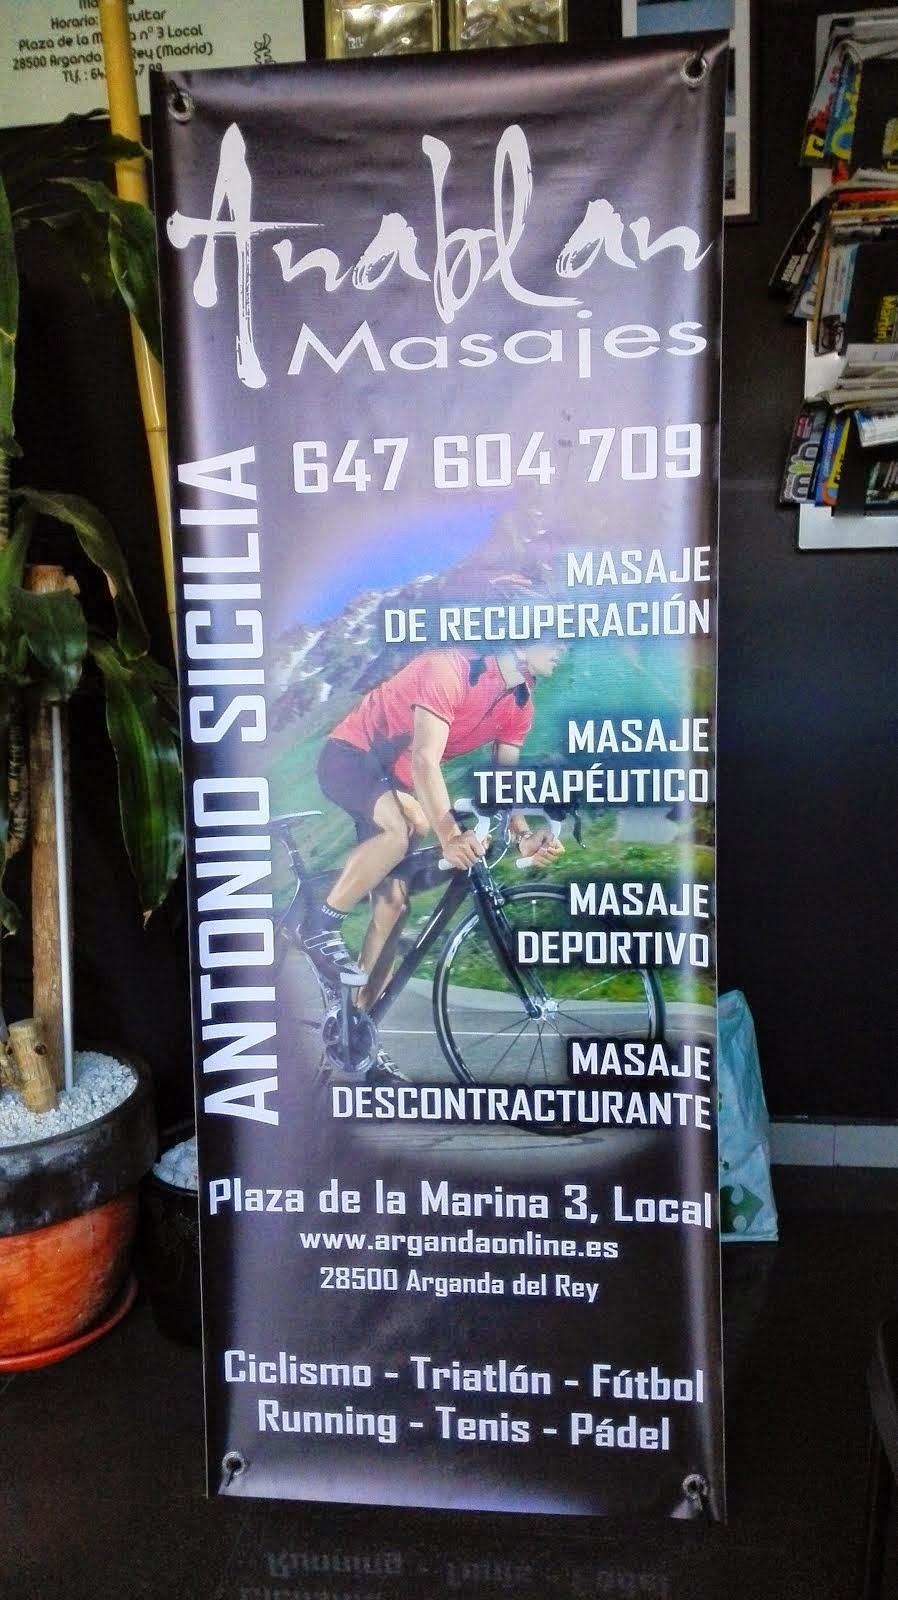 MASAJES PARA COSTALEROS TLF. 647 60 47 09